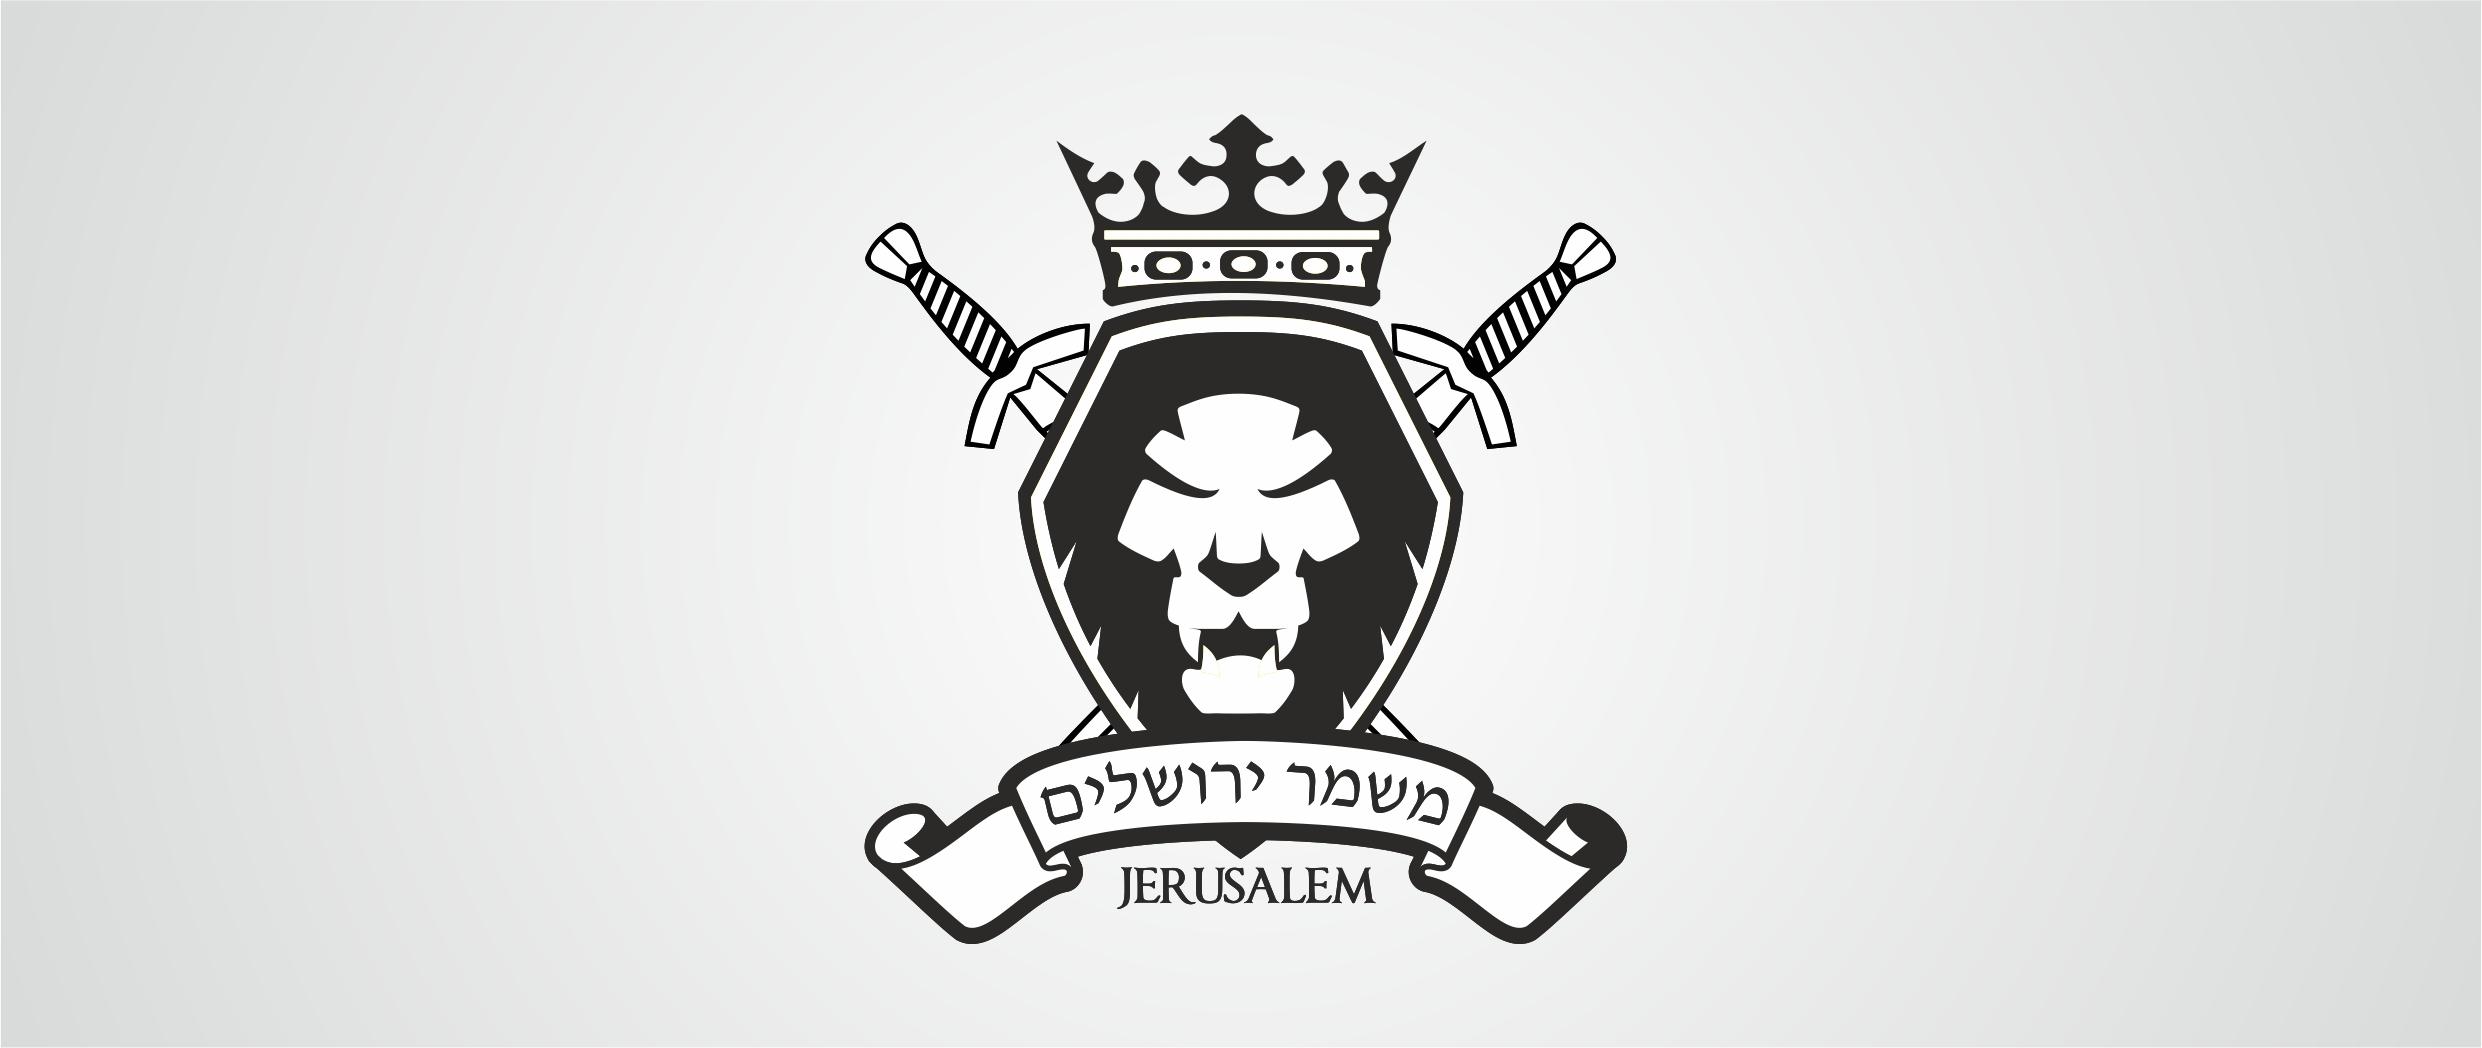 Разработка логотипа. Компания Страж Иерусалима фото f_23551f89a46b6724.jpg